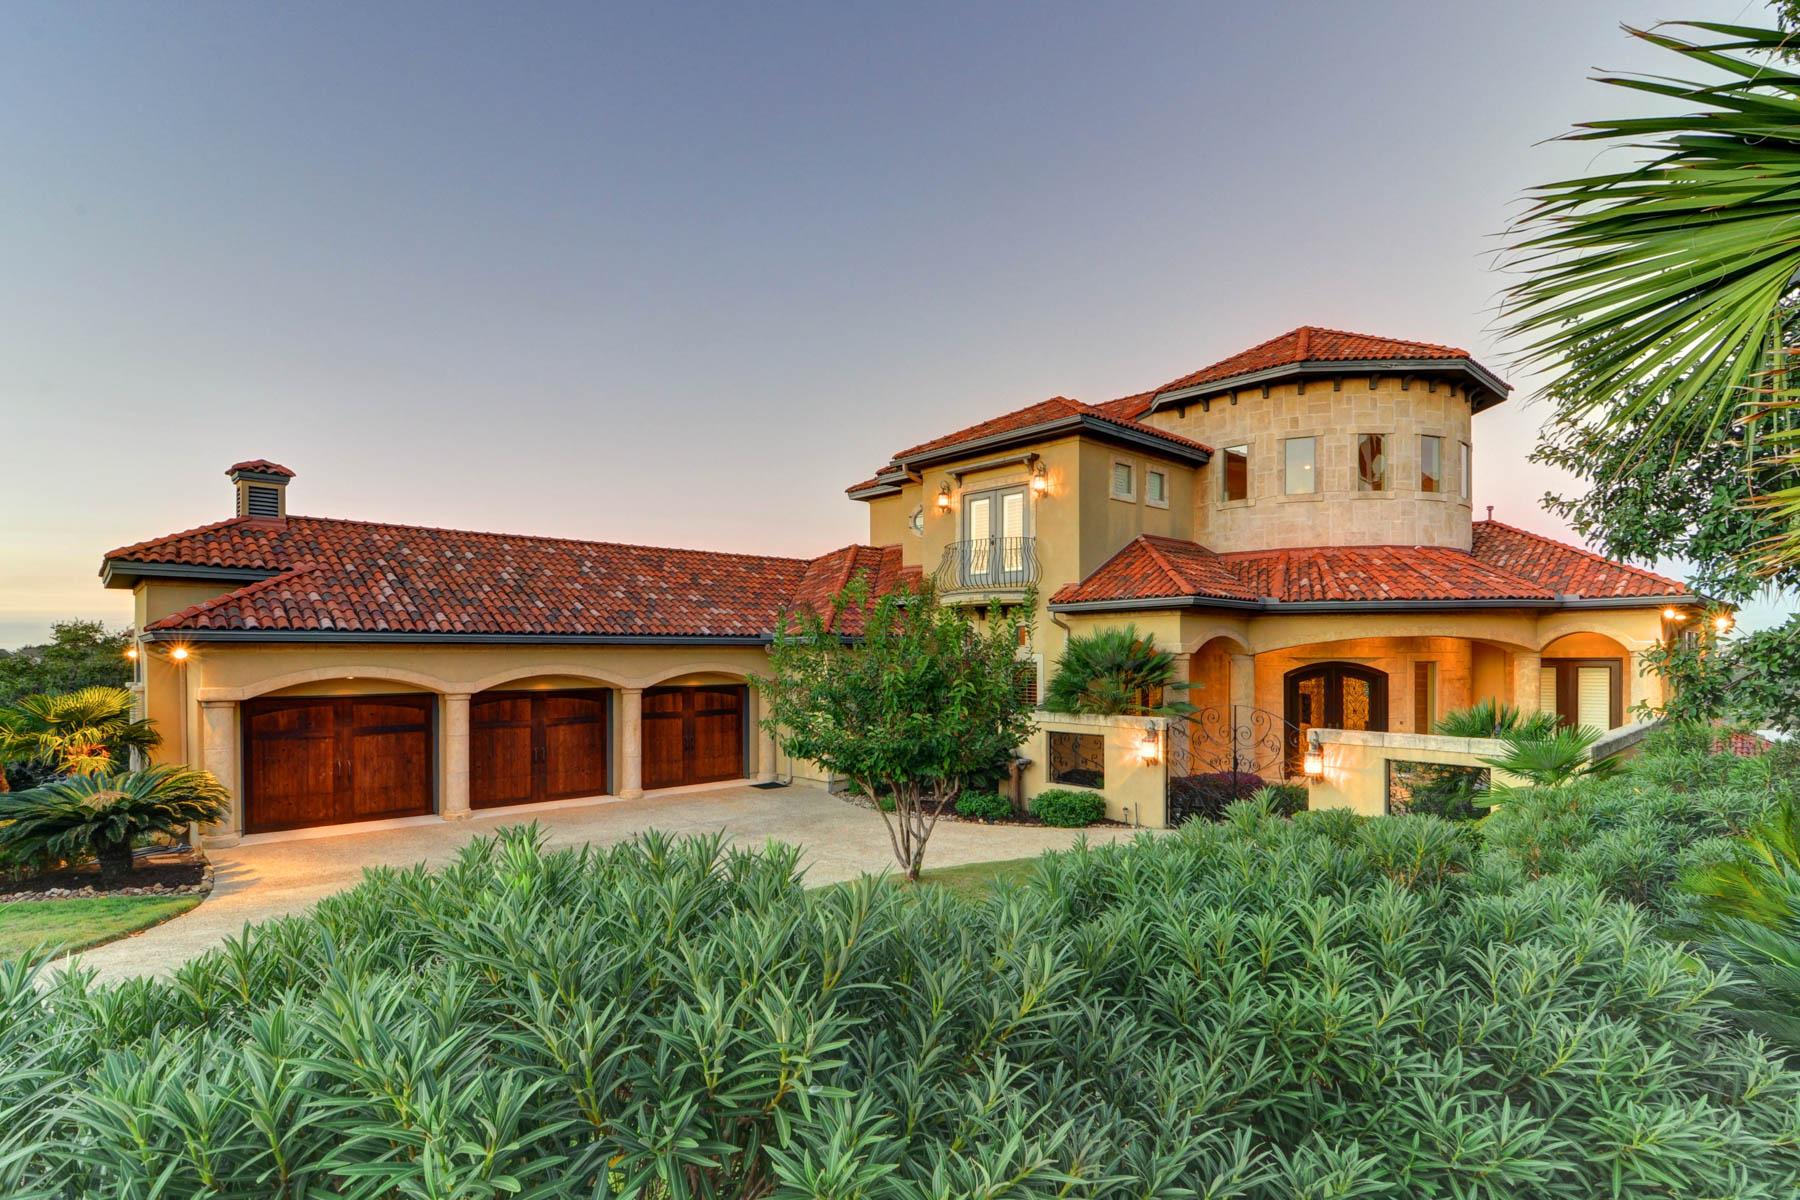 Moradia para Venda às Escape to Your Own Private Villa in Summerglen 24803 Parview Cir Summerglen, San Antonio, Texas, 78260 Estados Unidos